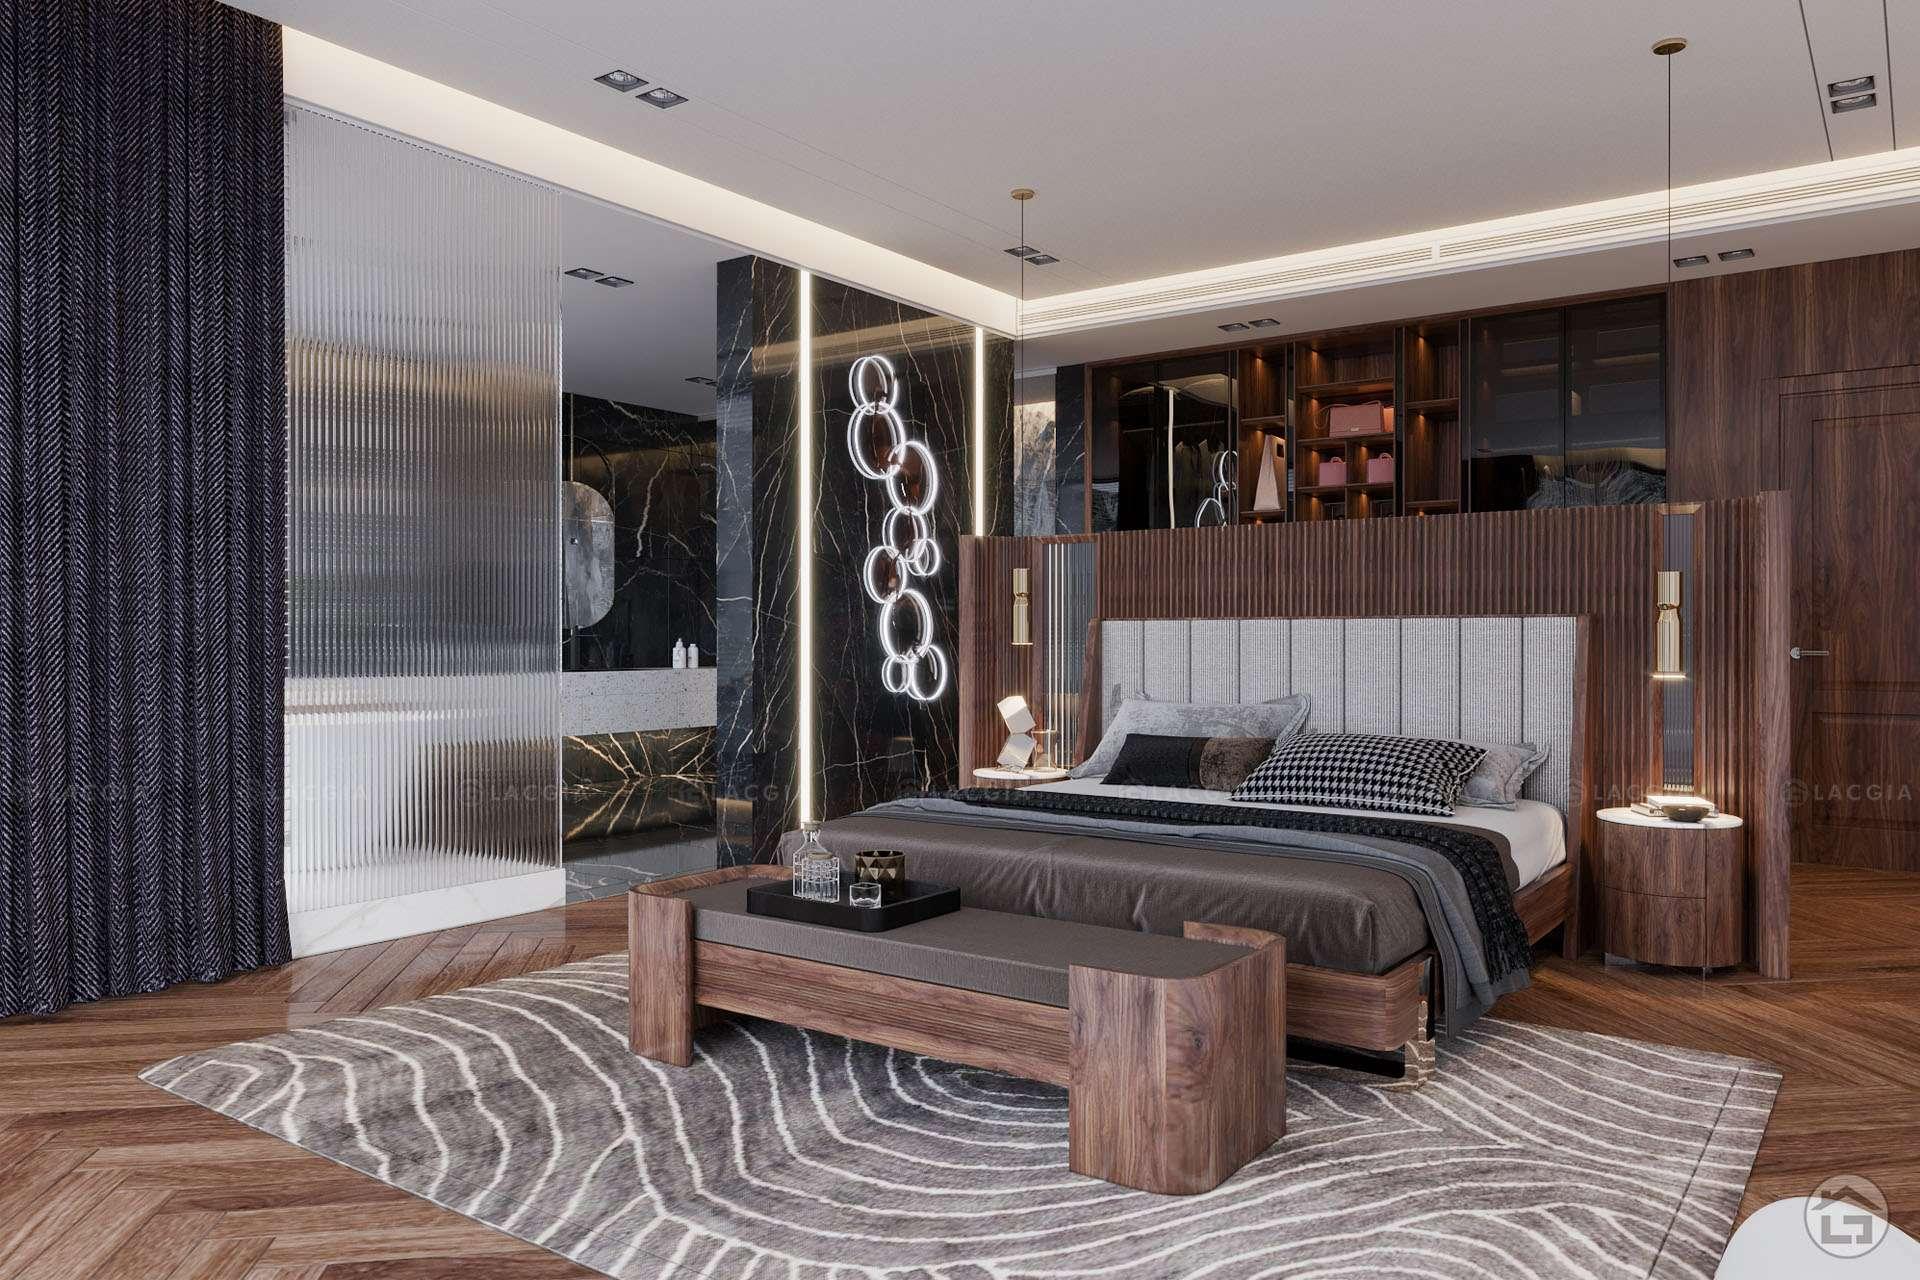 Không gian phòng ngủ rộng thoáng có thiết kế nội thất gỗ sang trọng